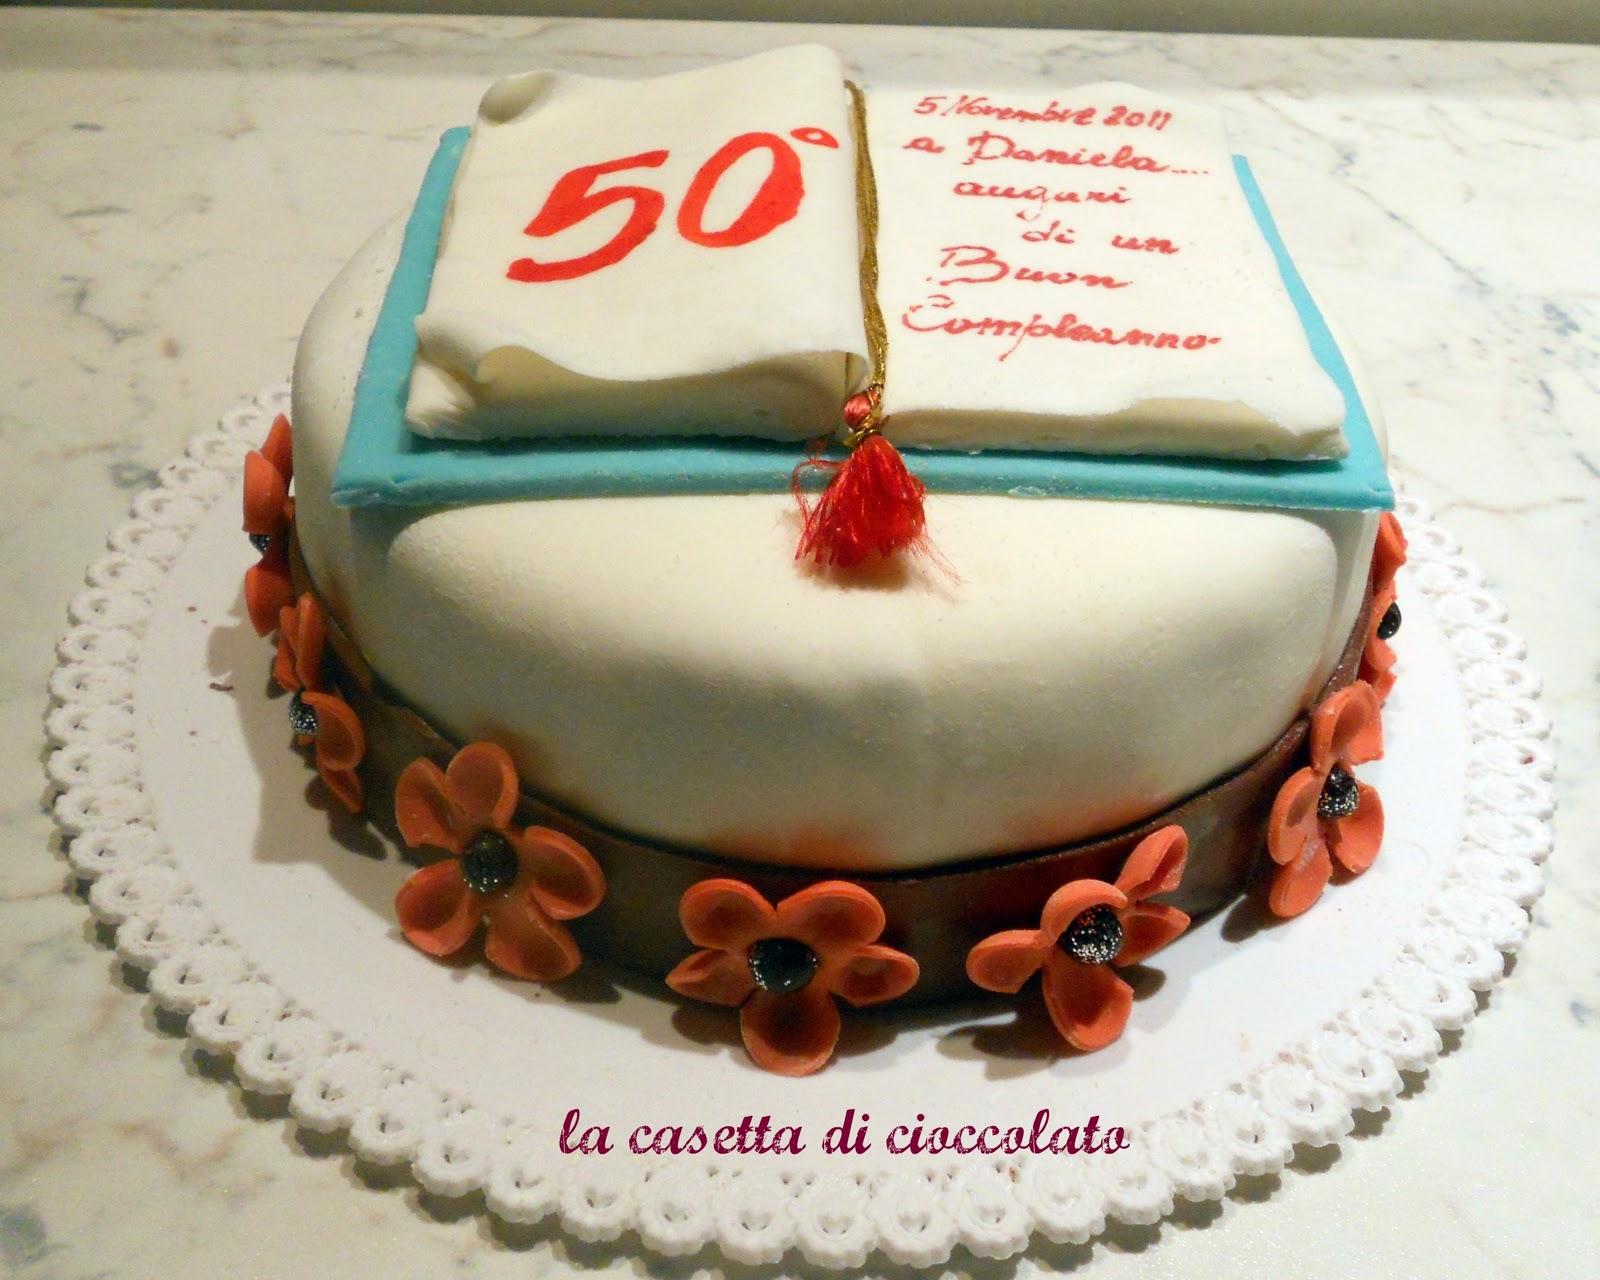 Preferenza la casetta di cioccolato: torta con il libro aperto per Daniela IP02